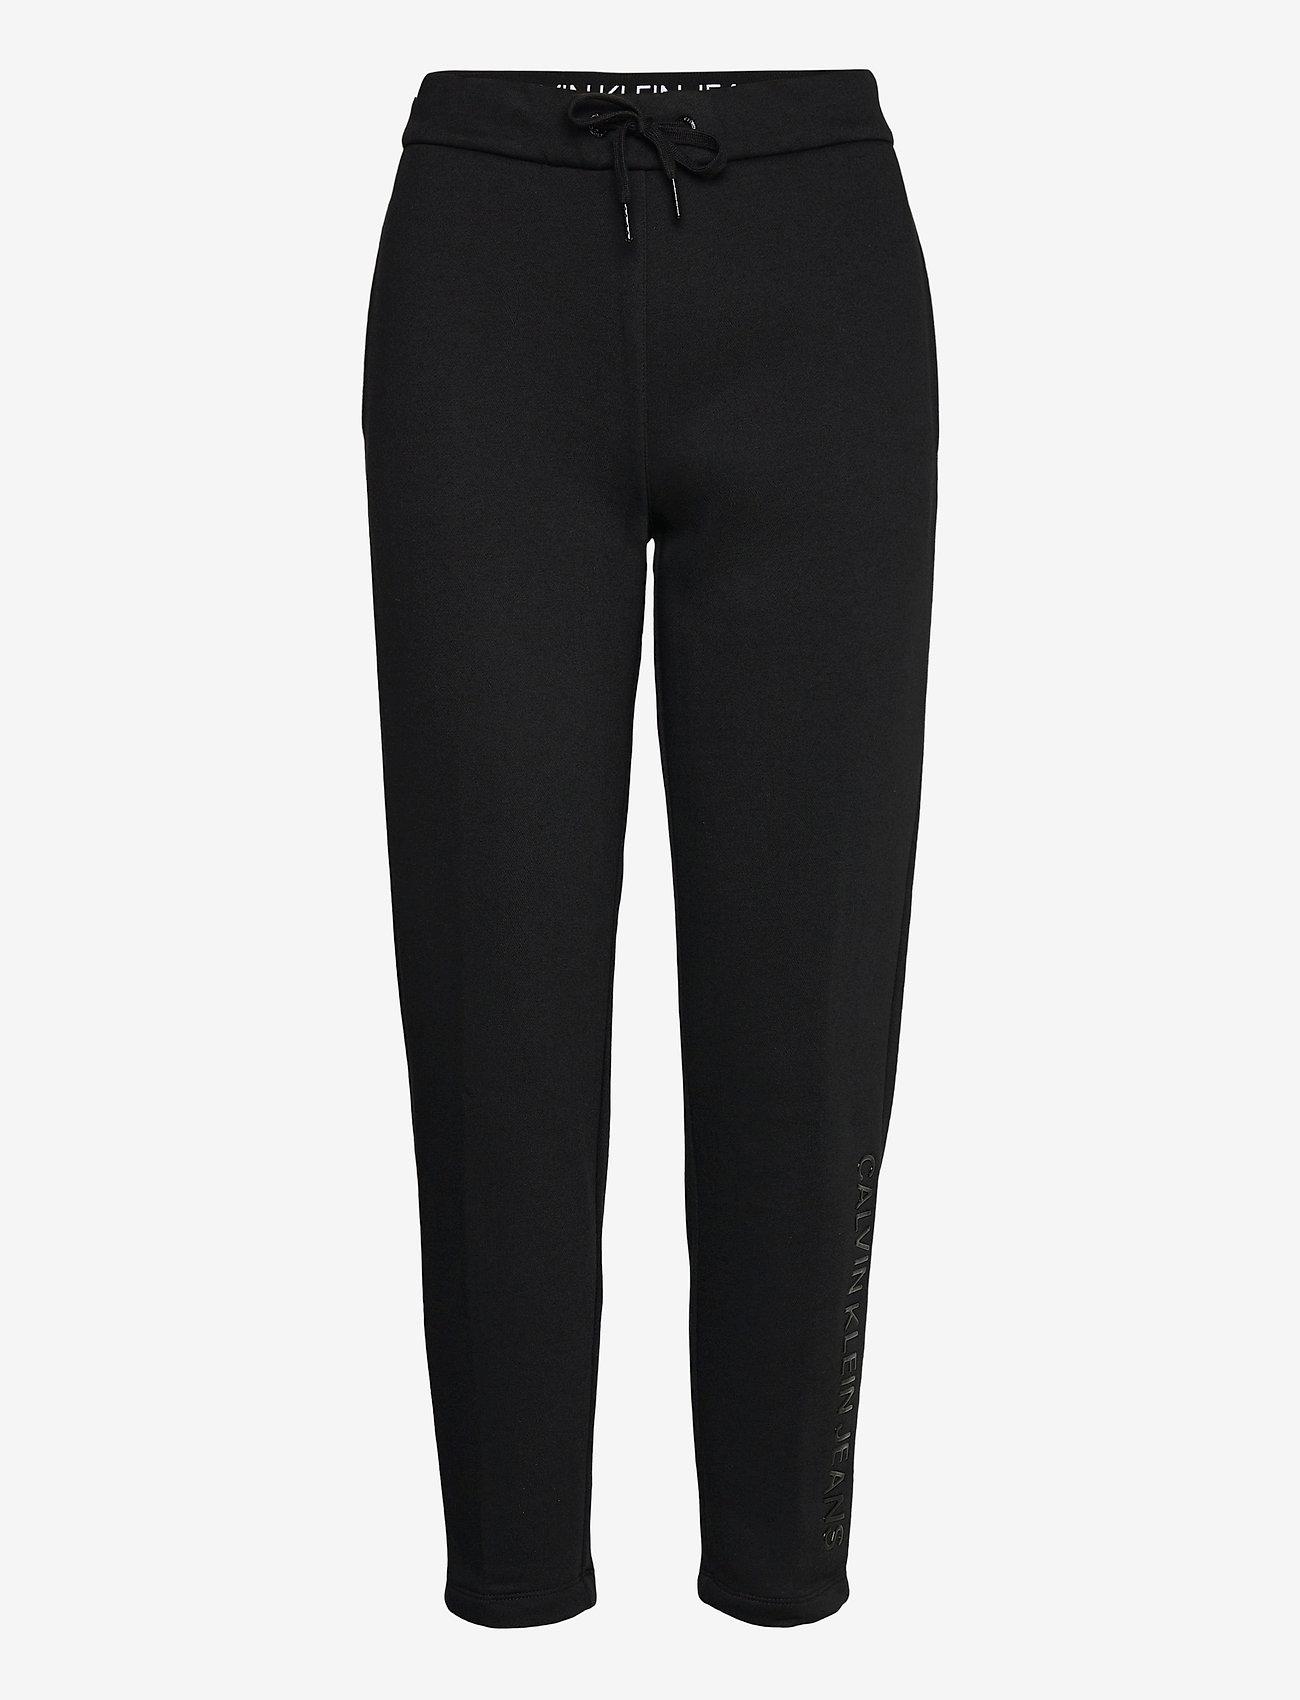 Calvin Klein Jeans - SHINY RAISED INST JOG PANT - sweatpants - ck black - 0